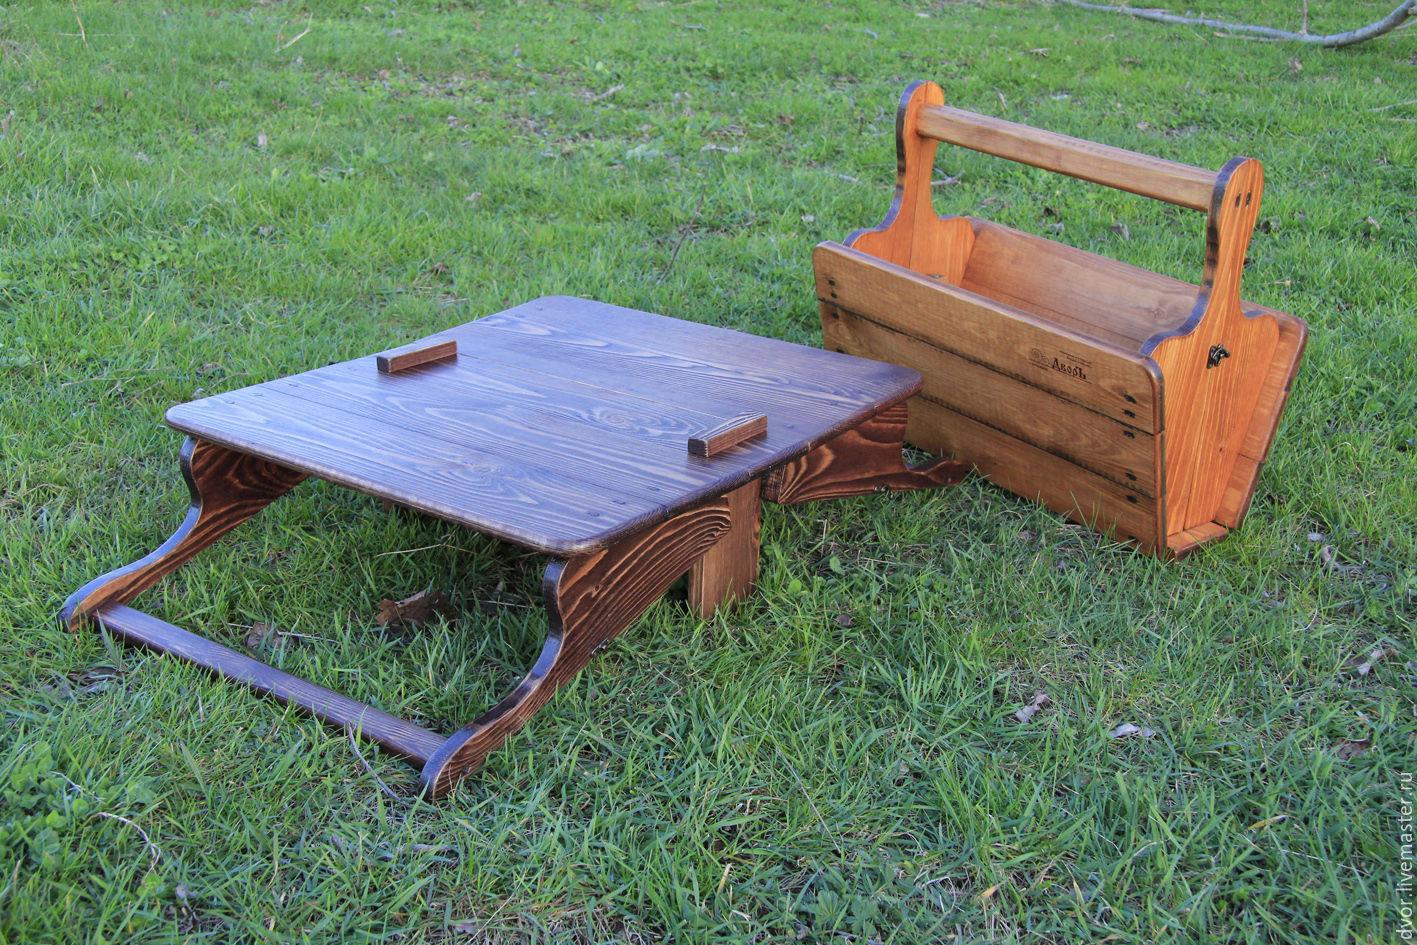 Как сделать складной столик для пикника своими руками: инструкция 33